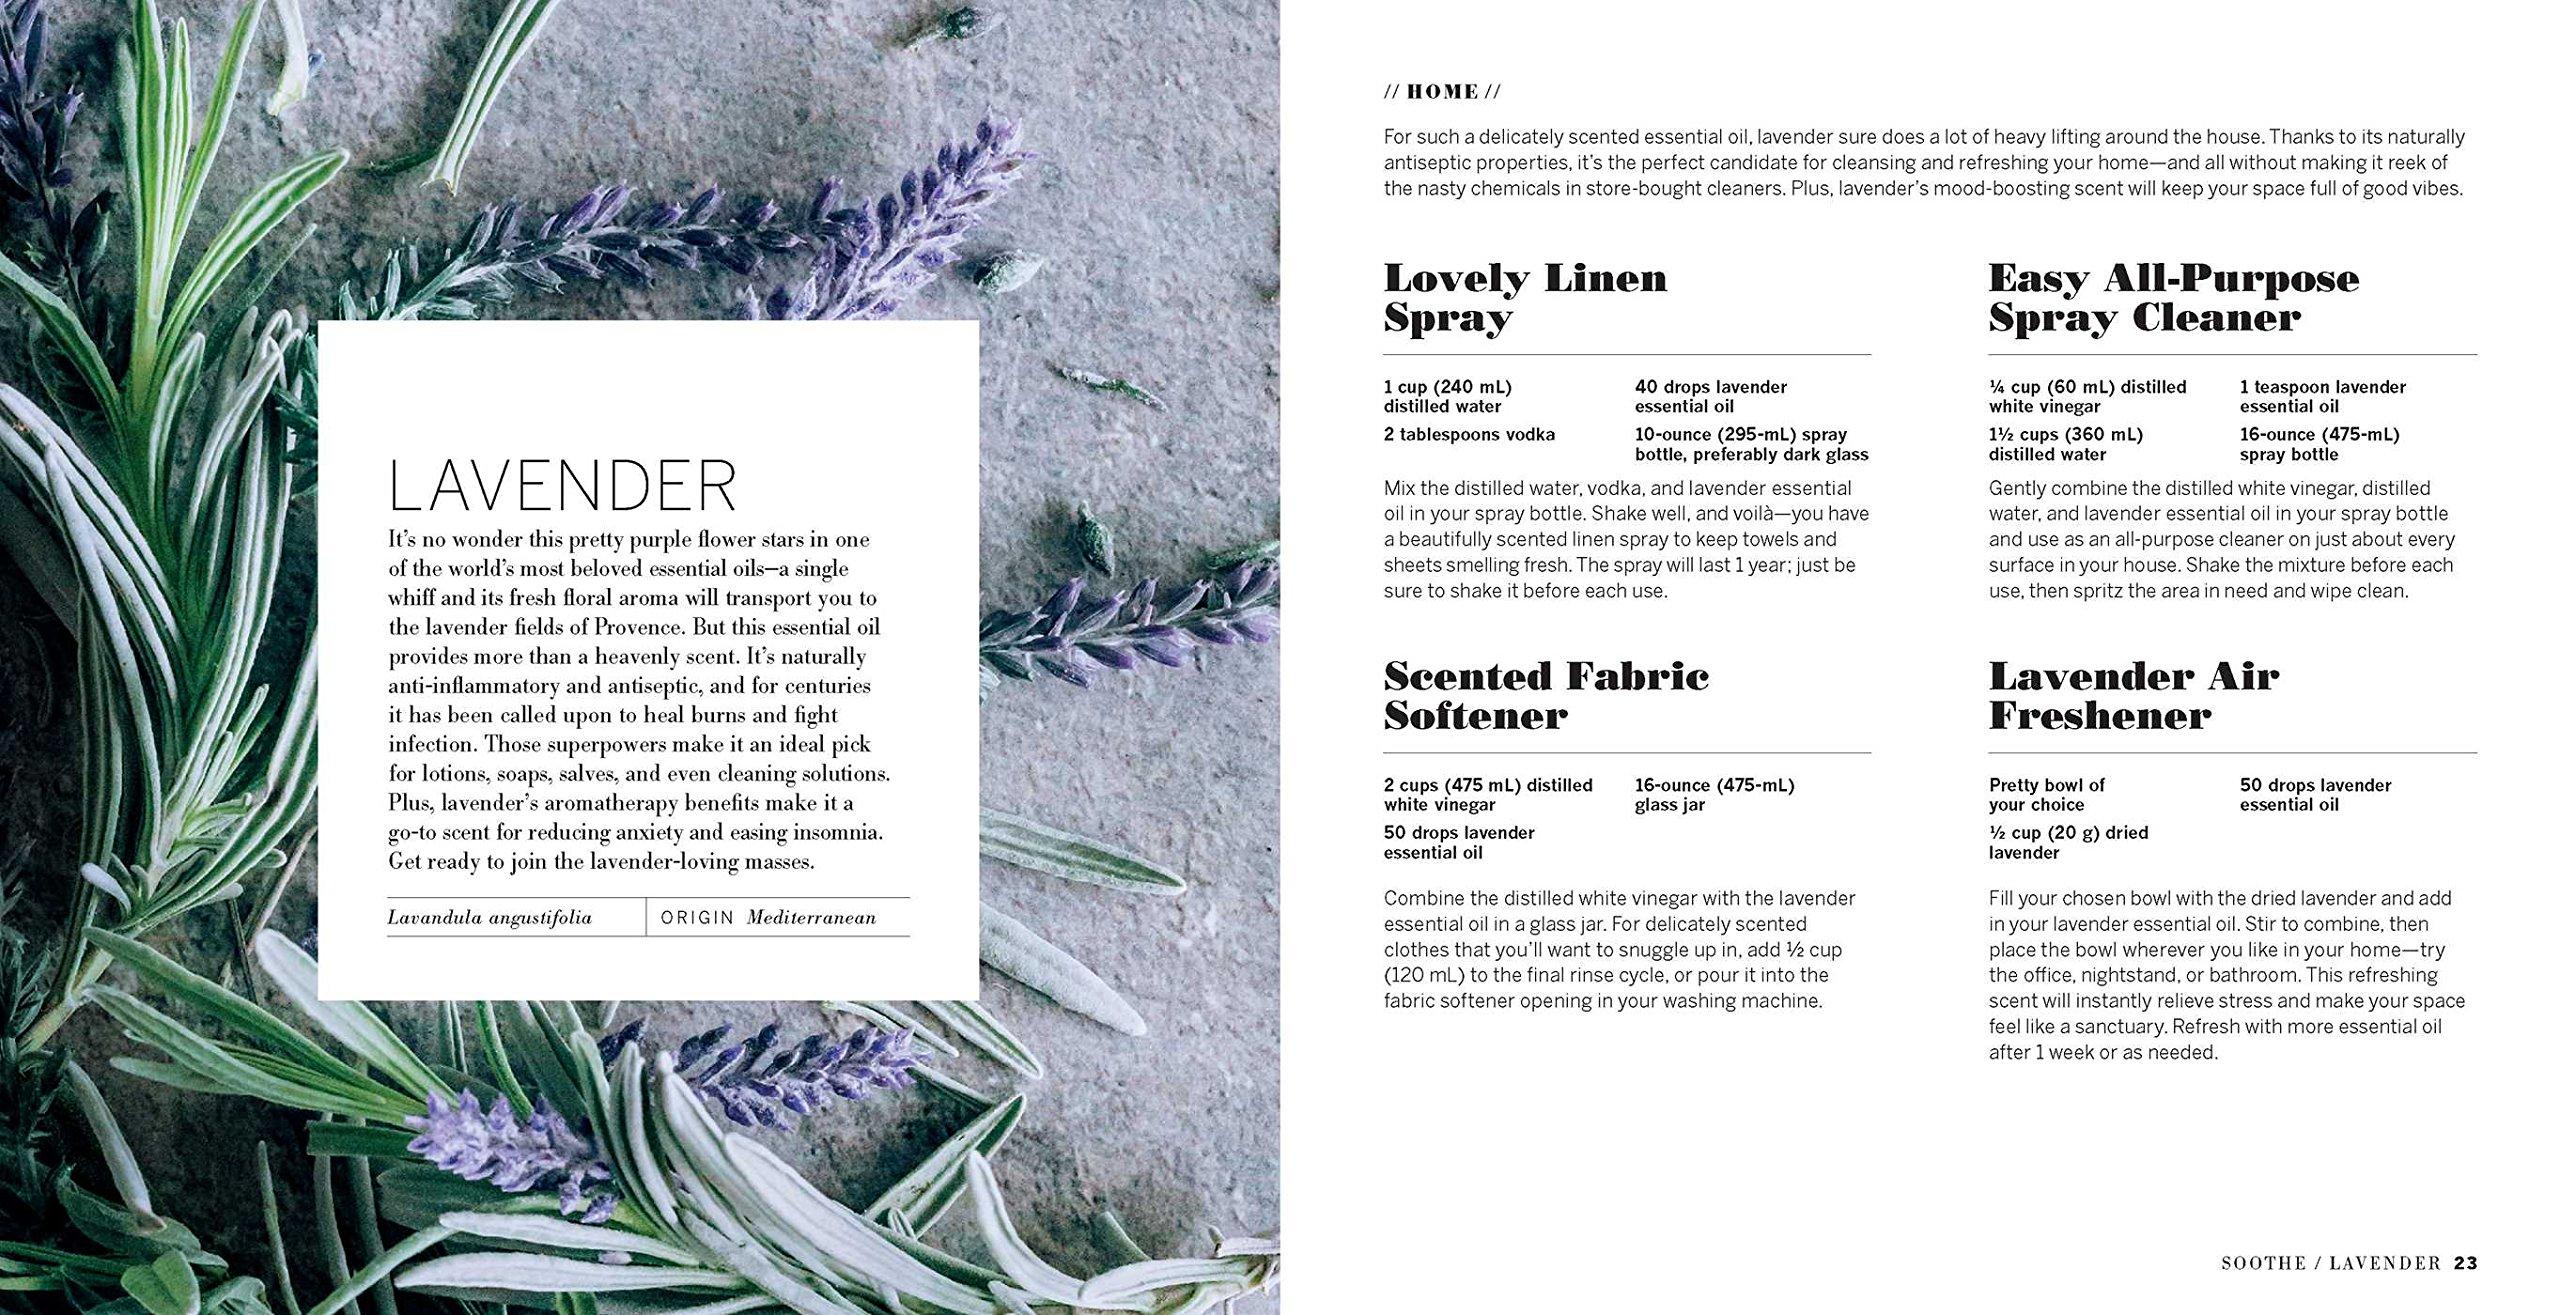 287171e10b5 Essential Glow  Recipes   Tips for Using Essential Oils  Stephanie Gerber   9781681882727  Amazon.com  Books